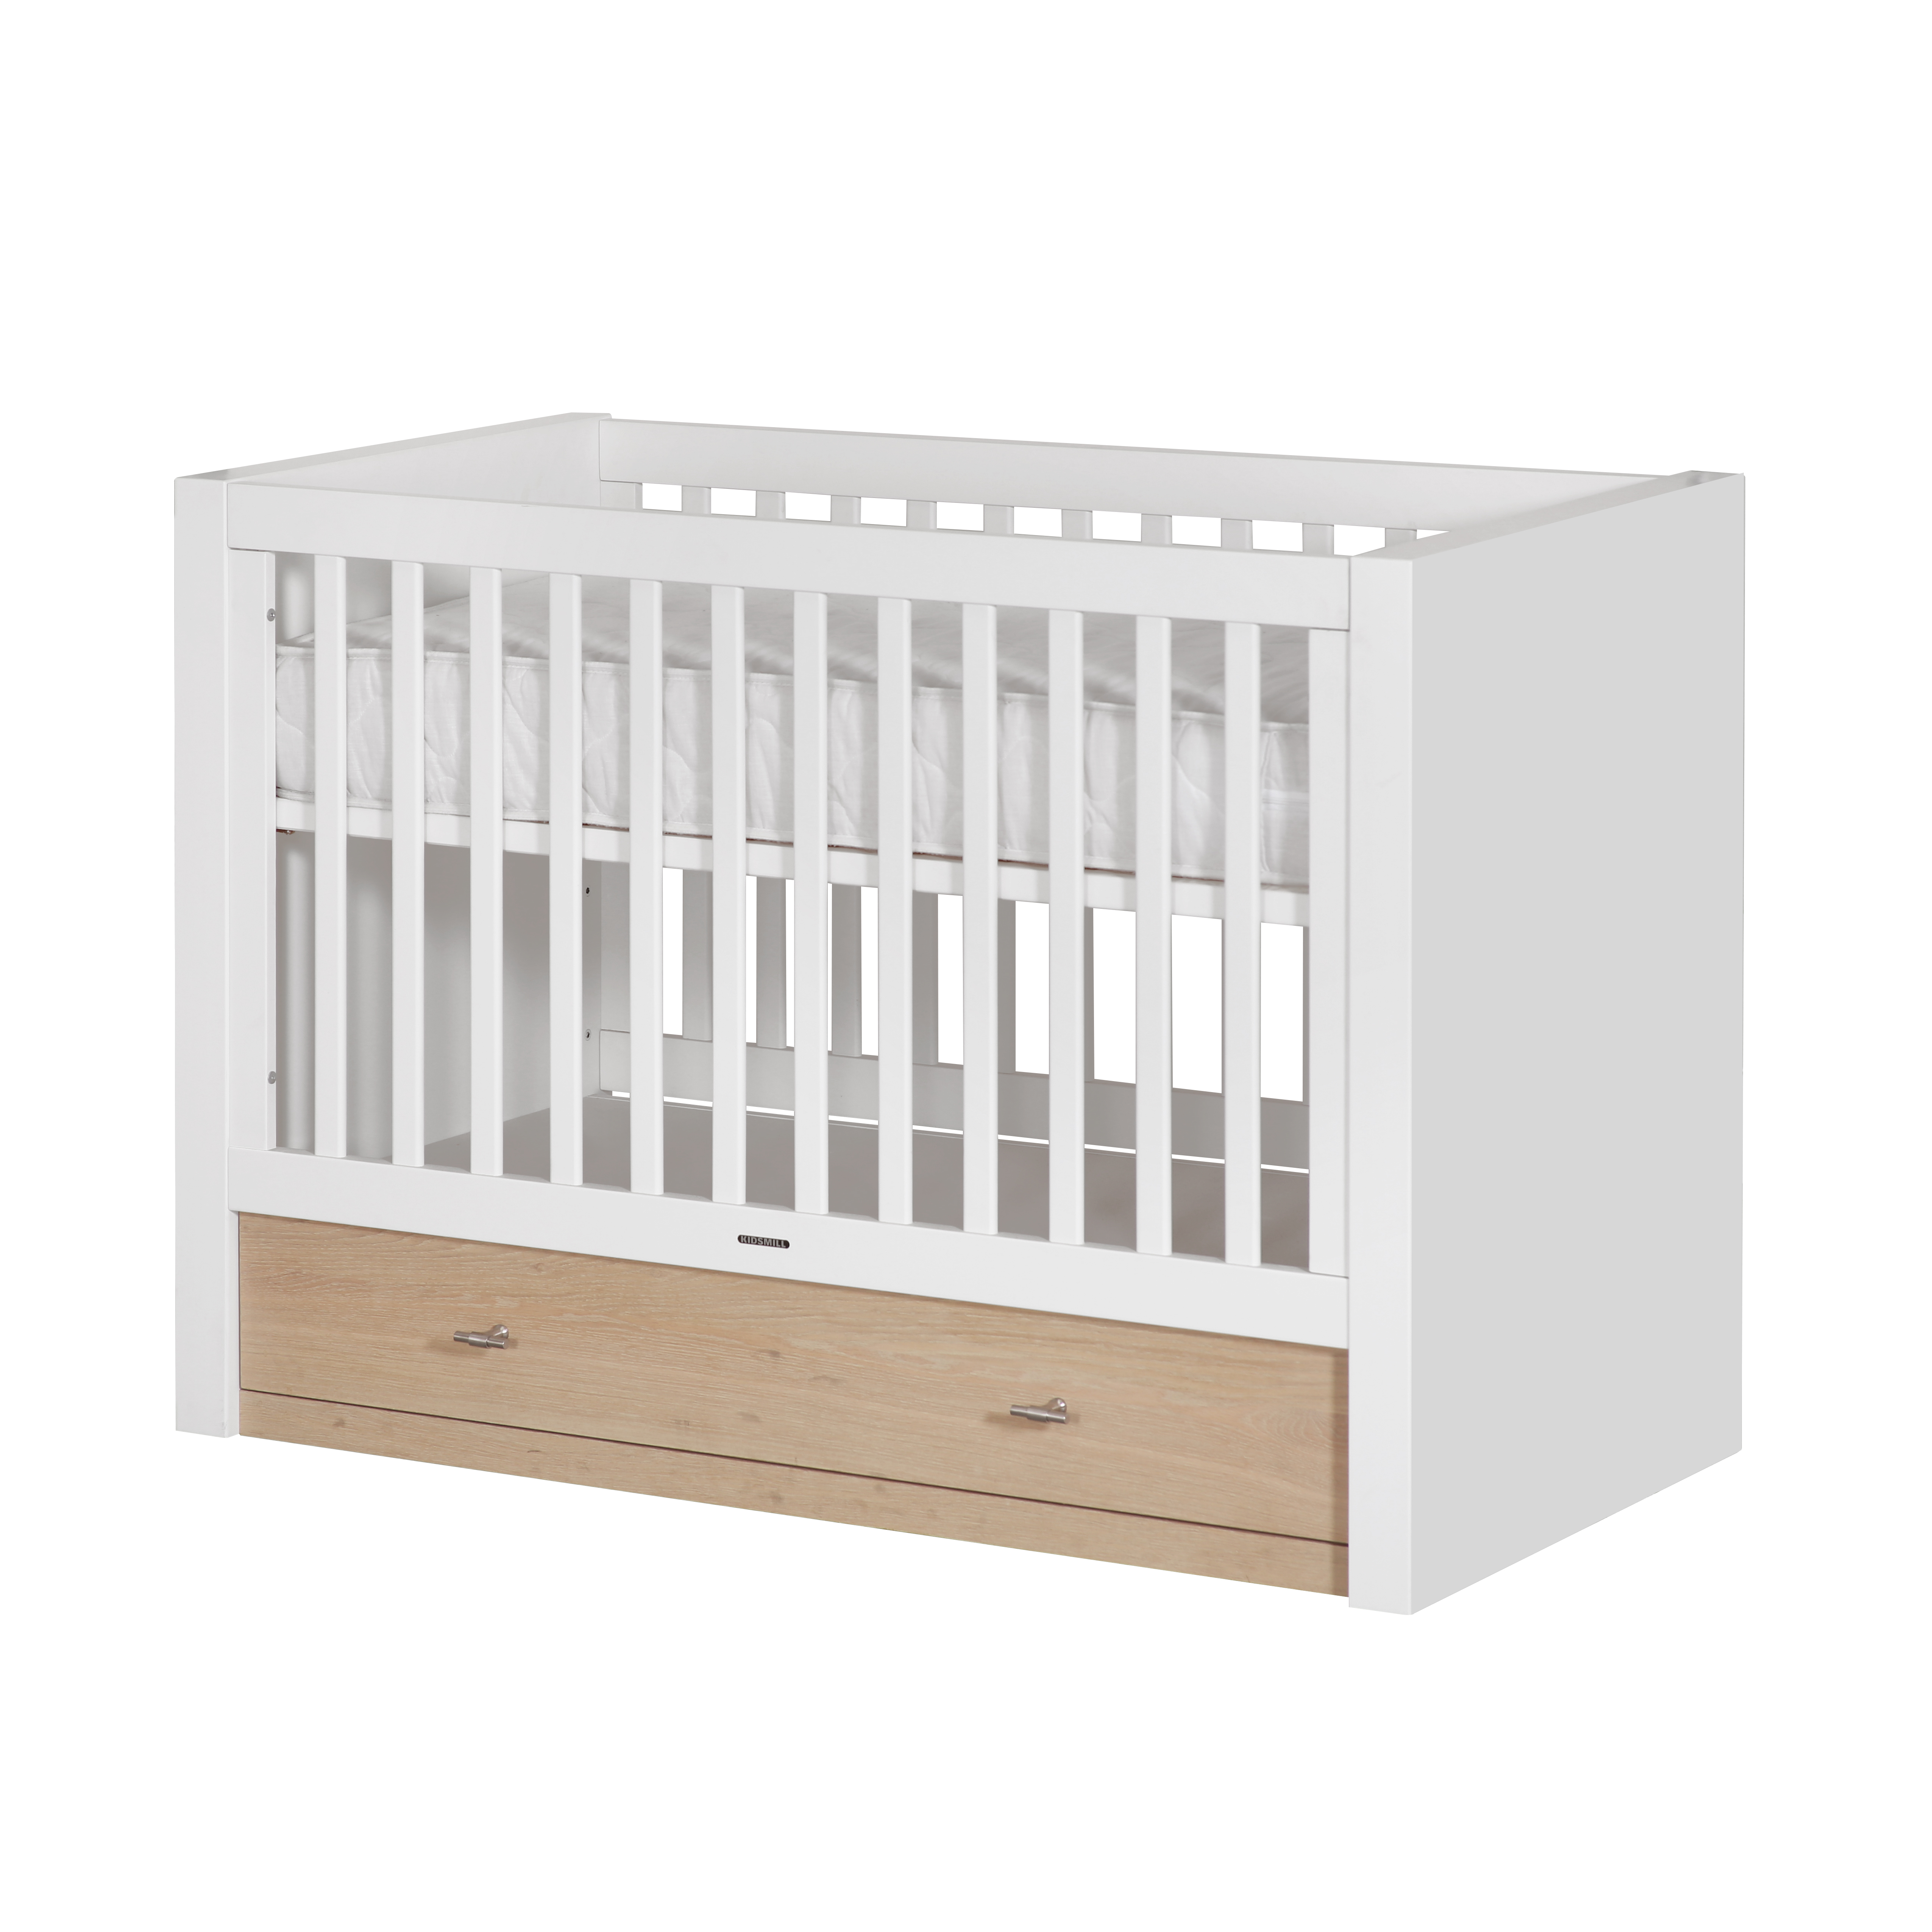 Детская кровать Diamond, 60х120Мебель для детей<br><br><br>stock: 0<br>Высота: 93<br>Ширина: 65<br>Длина: 132<br>Цвет ножек: Коричневый<br>Материал каркаса: МДФ<br>Материал ножек: МДФ, шпон дуба<br>Цвет каркаса: Белый